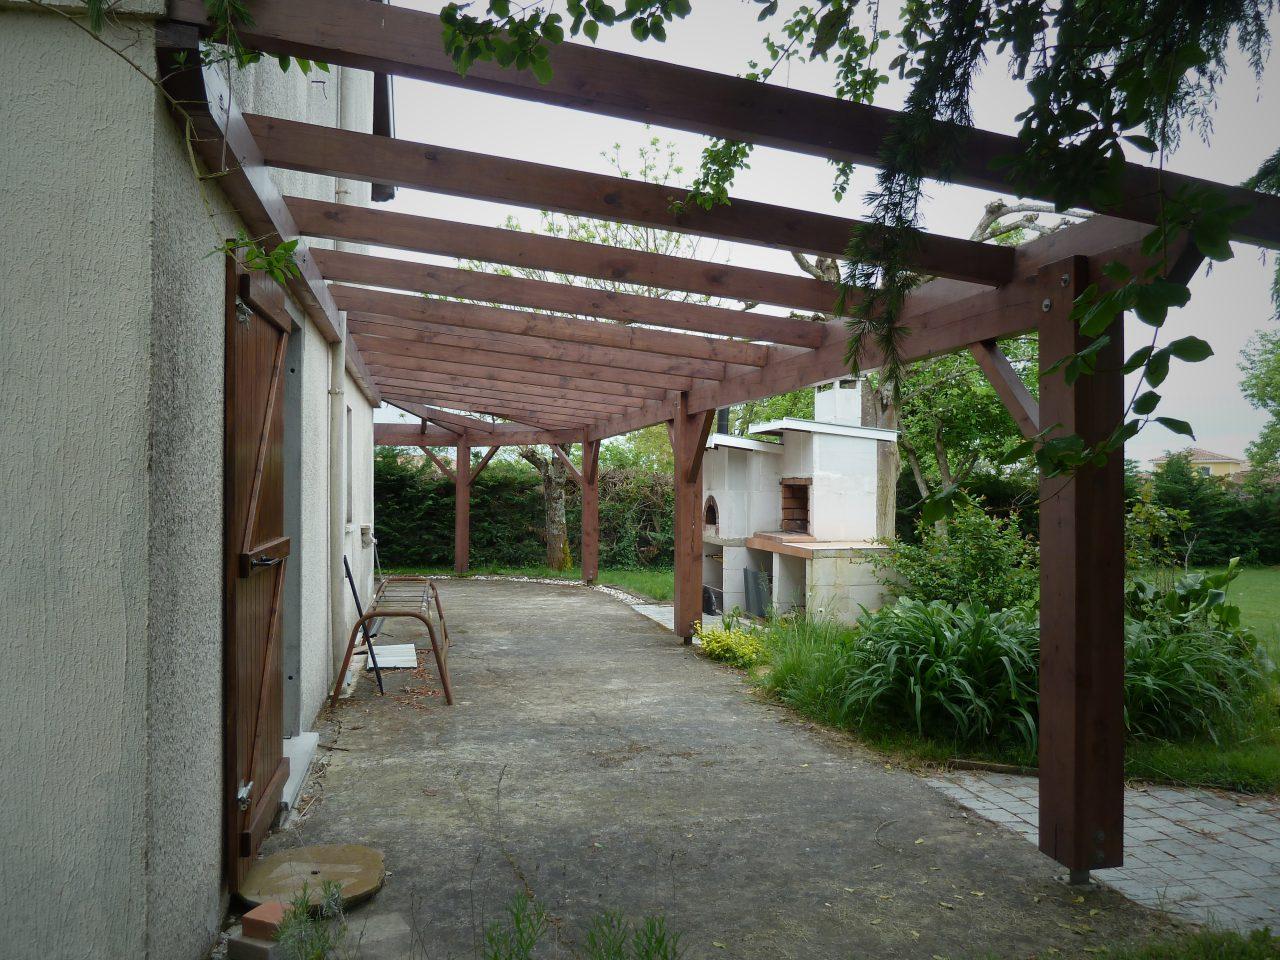 Vue sous la terrasse Nord avant travaux rénovation extérieure maison R